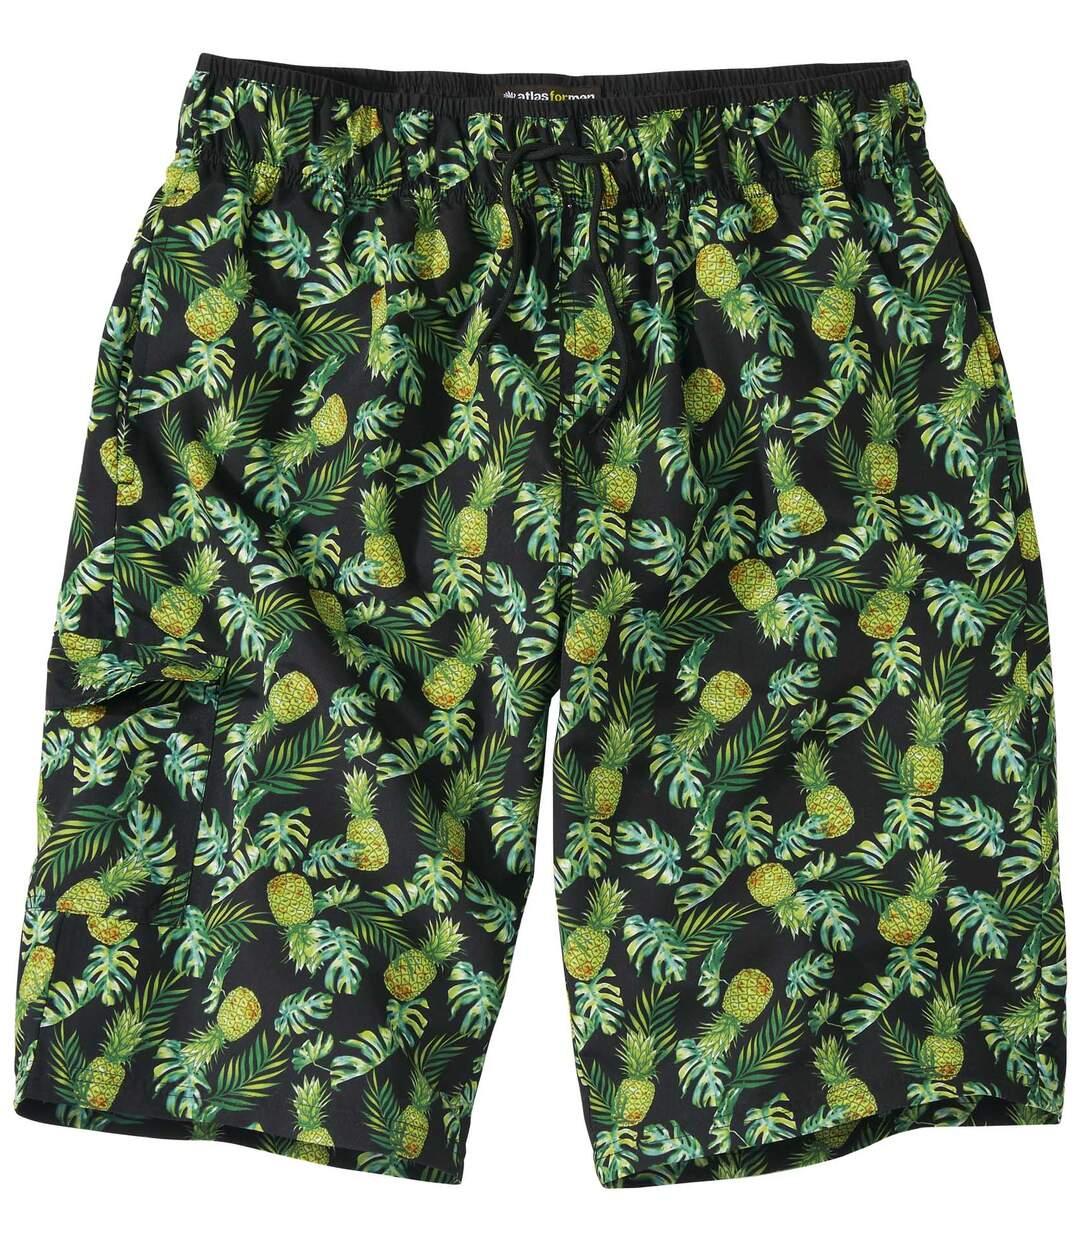 Zwemshort met ananas motieven